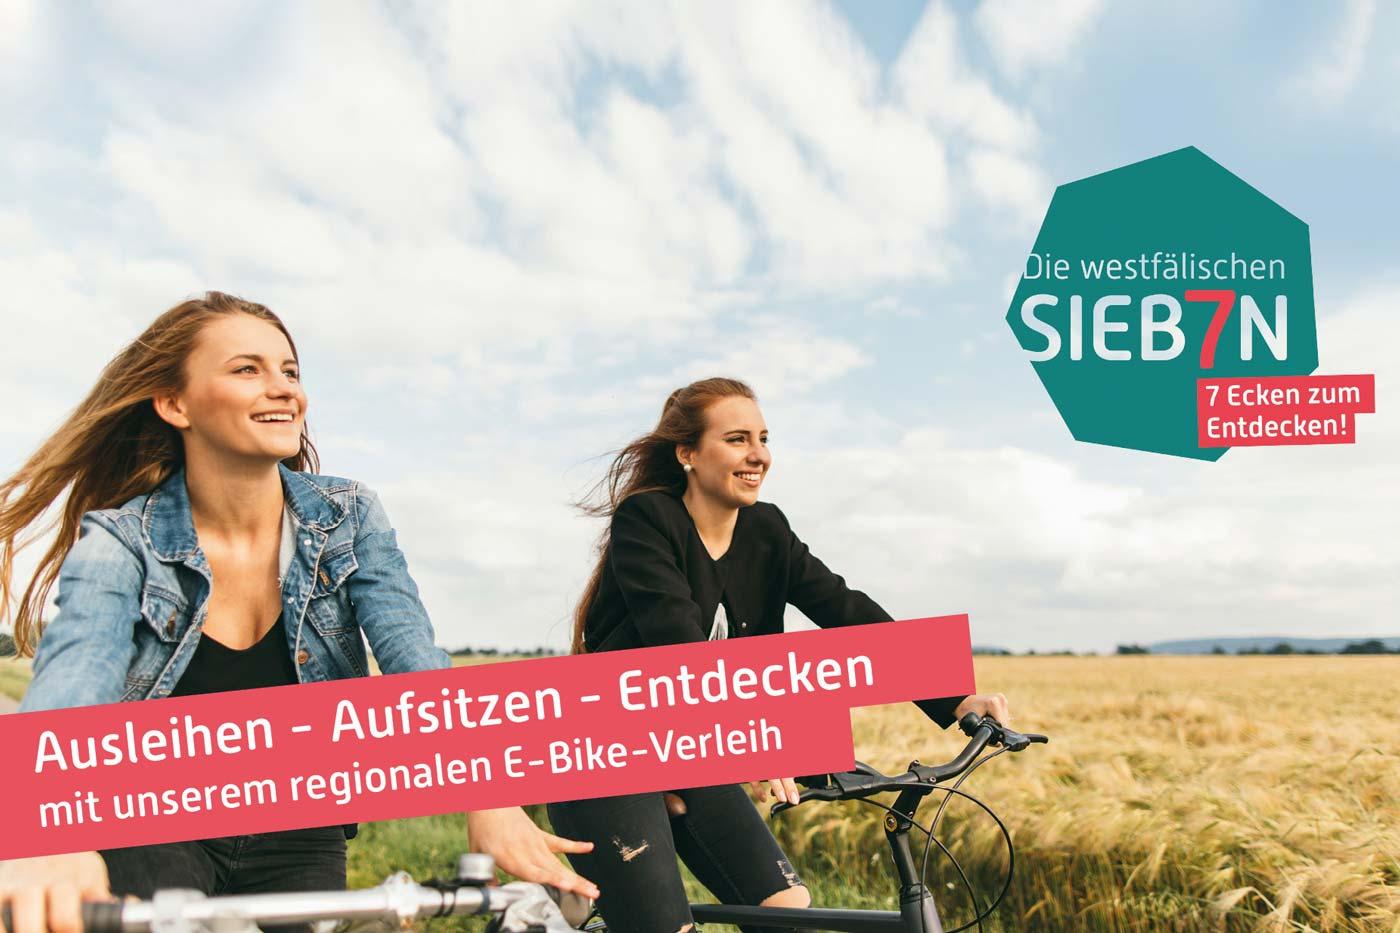 E-Bike Fahrerinnen mit Leihfahrrädern